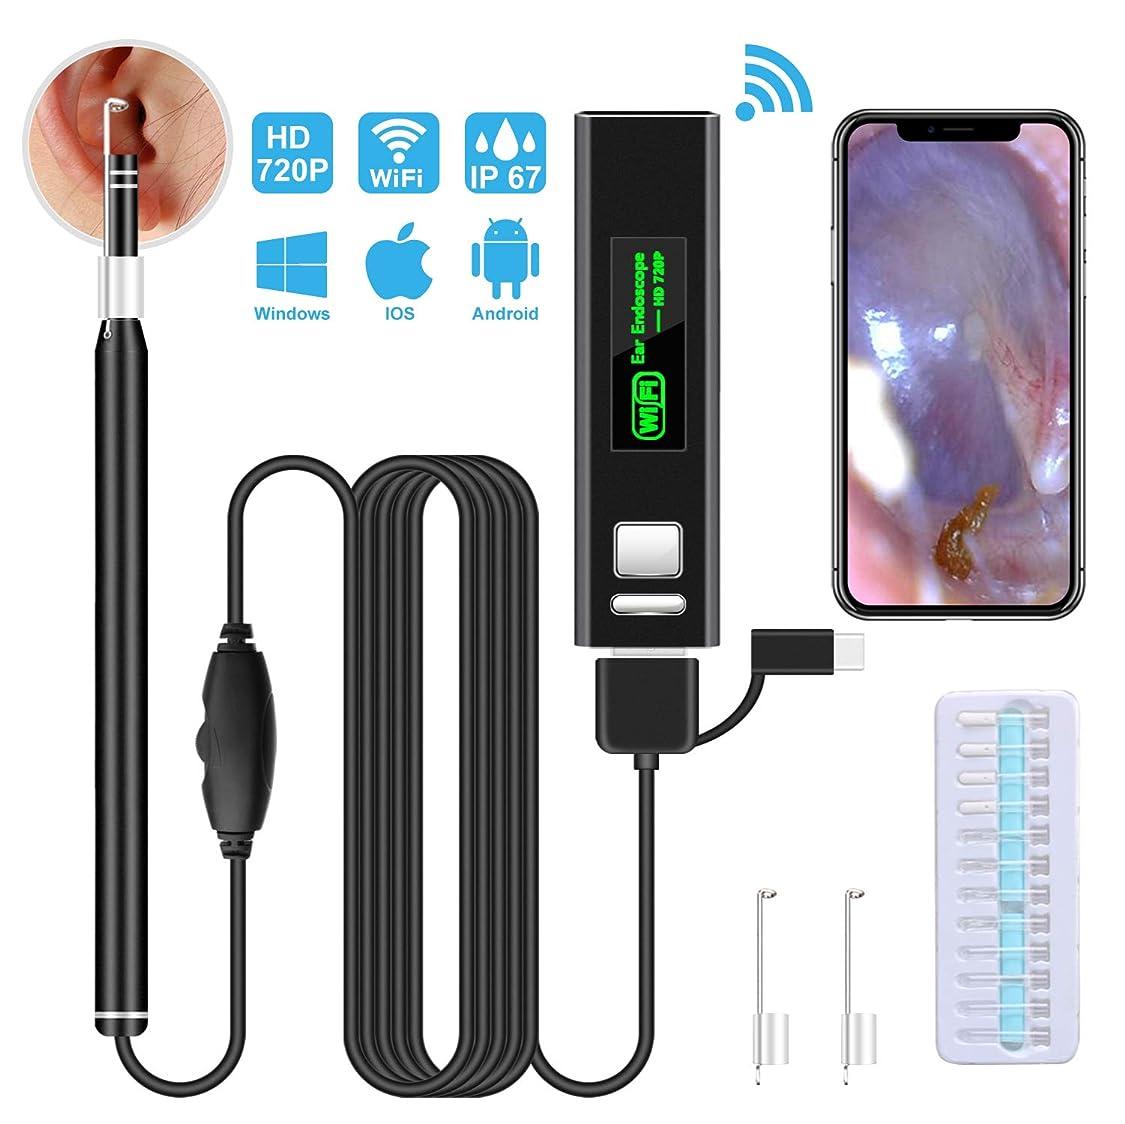 耳かき カメラ 【TELEC技適認証】HEYSTOP 最新版 WIFI接続 iPhone対応 電子耳鏡 USB内視鏡 耳掃除 高画質 720P HD 130万画素 3in1 OTG機能 IP67防水 耳垢クリーニング LEDライト6灯付き 輝度調整可能 5.5mm超小型レンズ iPhone/Android/Windows/Mac対応